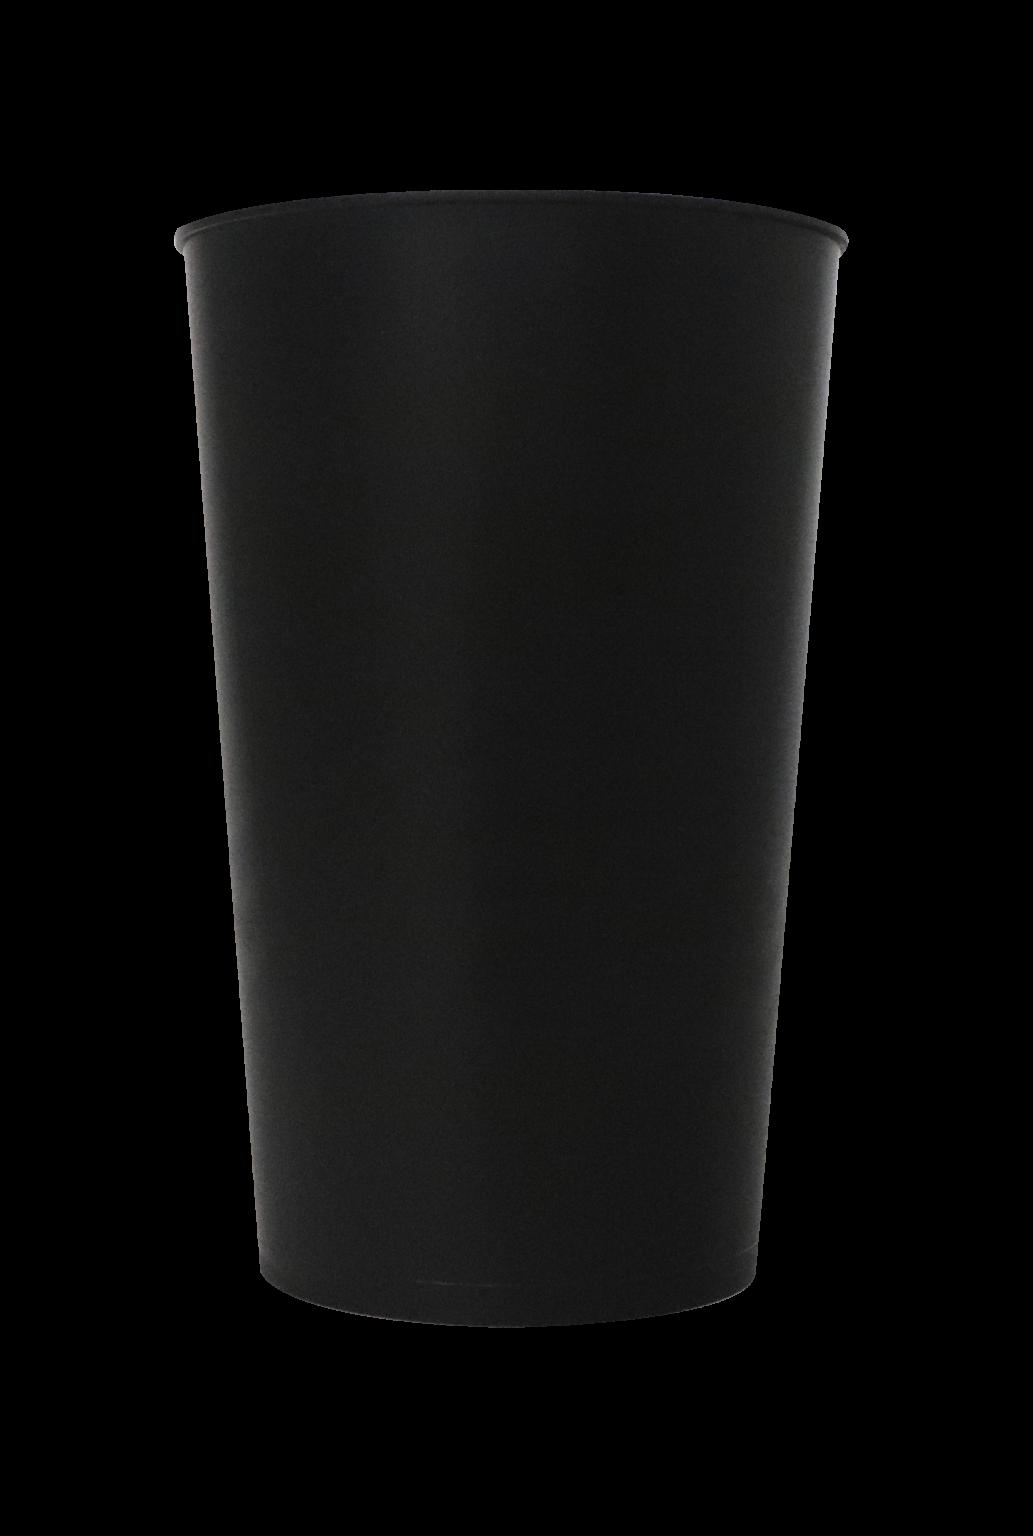 Copo Label 550ml - Yoda - Copo preto liso